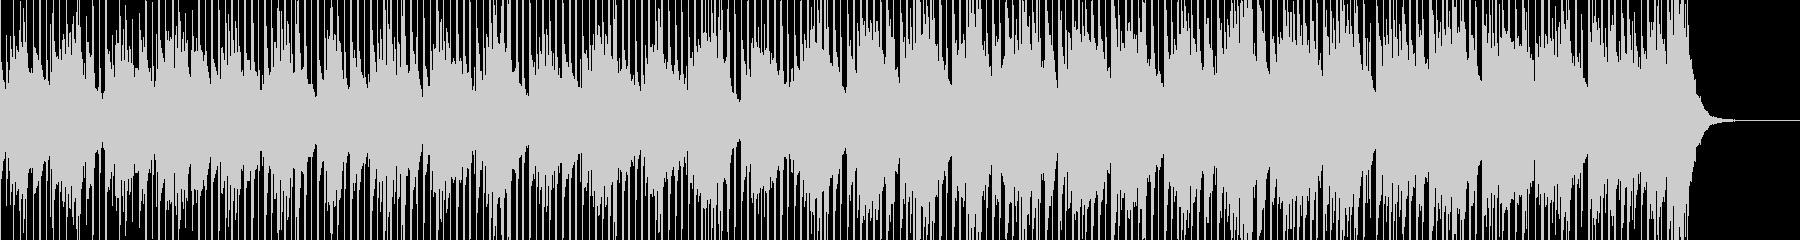 ループ可、カワイイ、CM、シンセとビートの未再生の波形